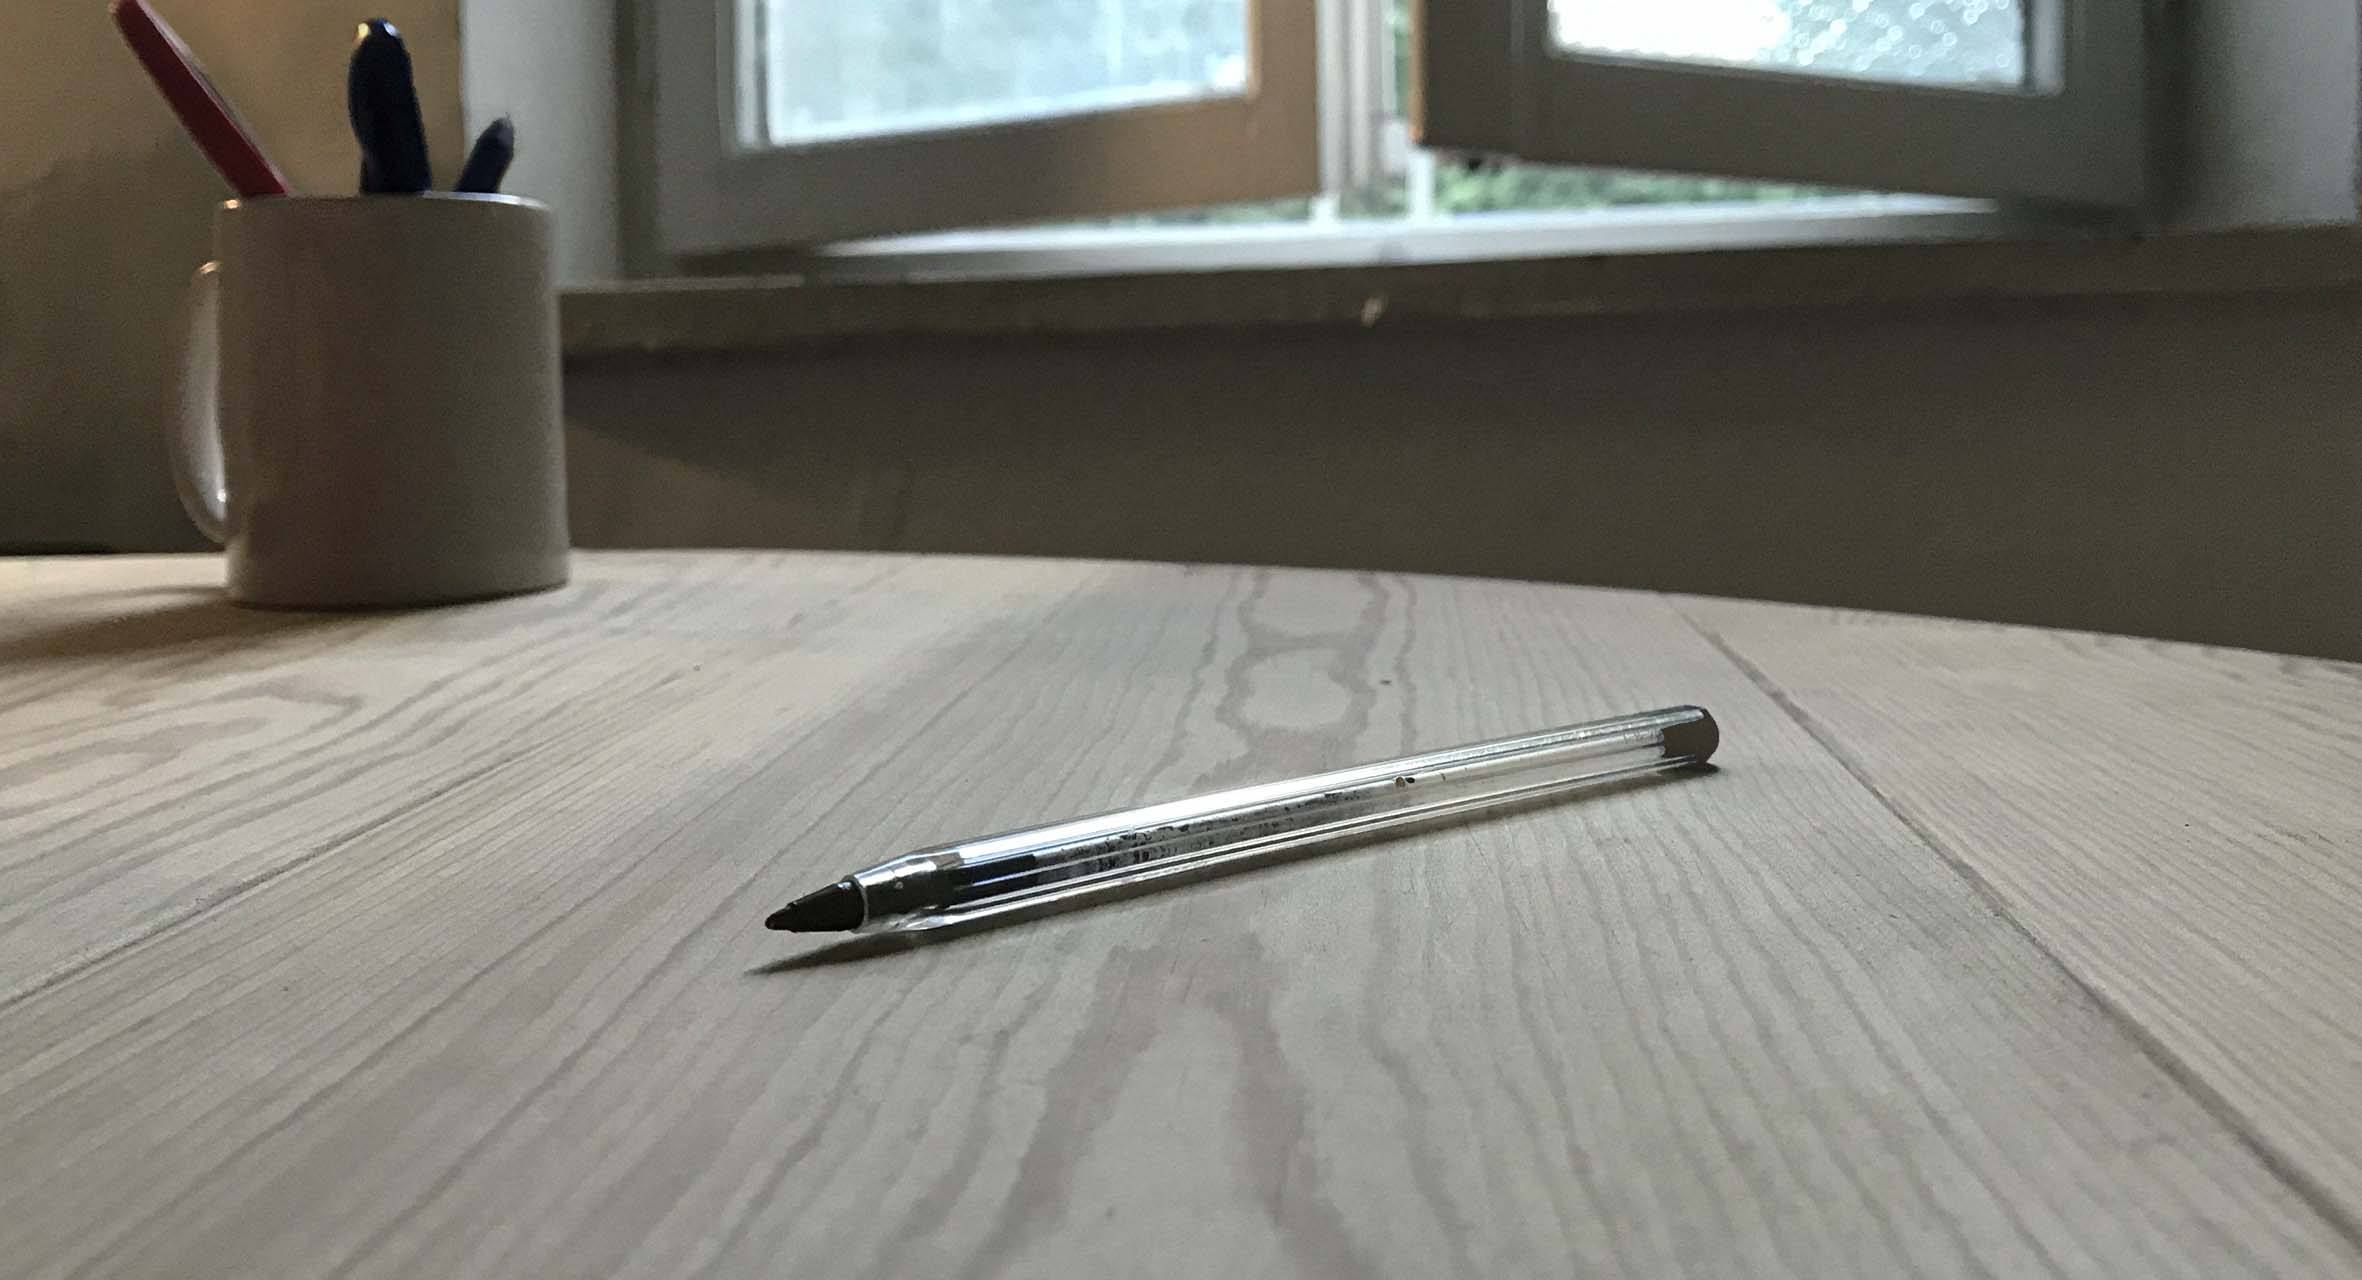 صورة دخول قلم حبر جاف آخر خلسة إلى البيت